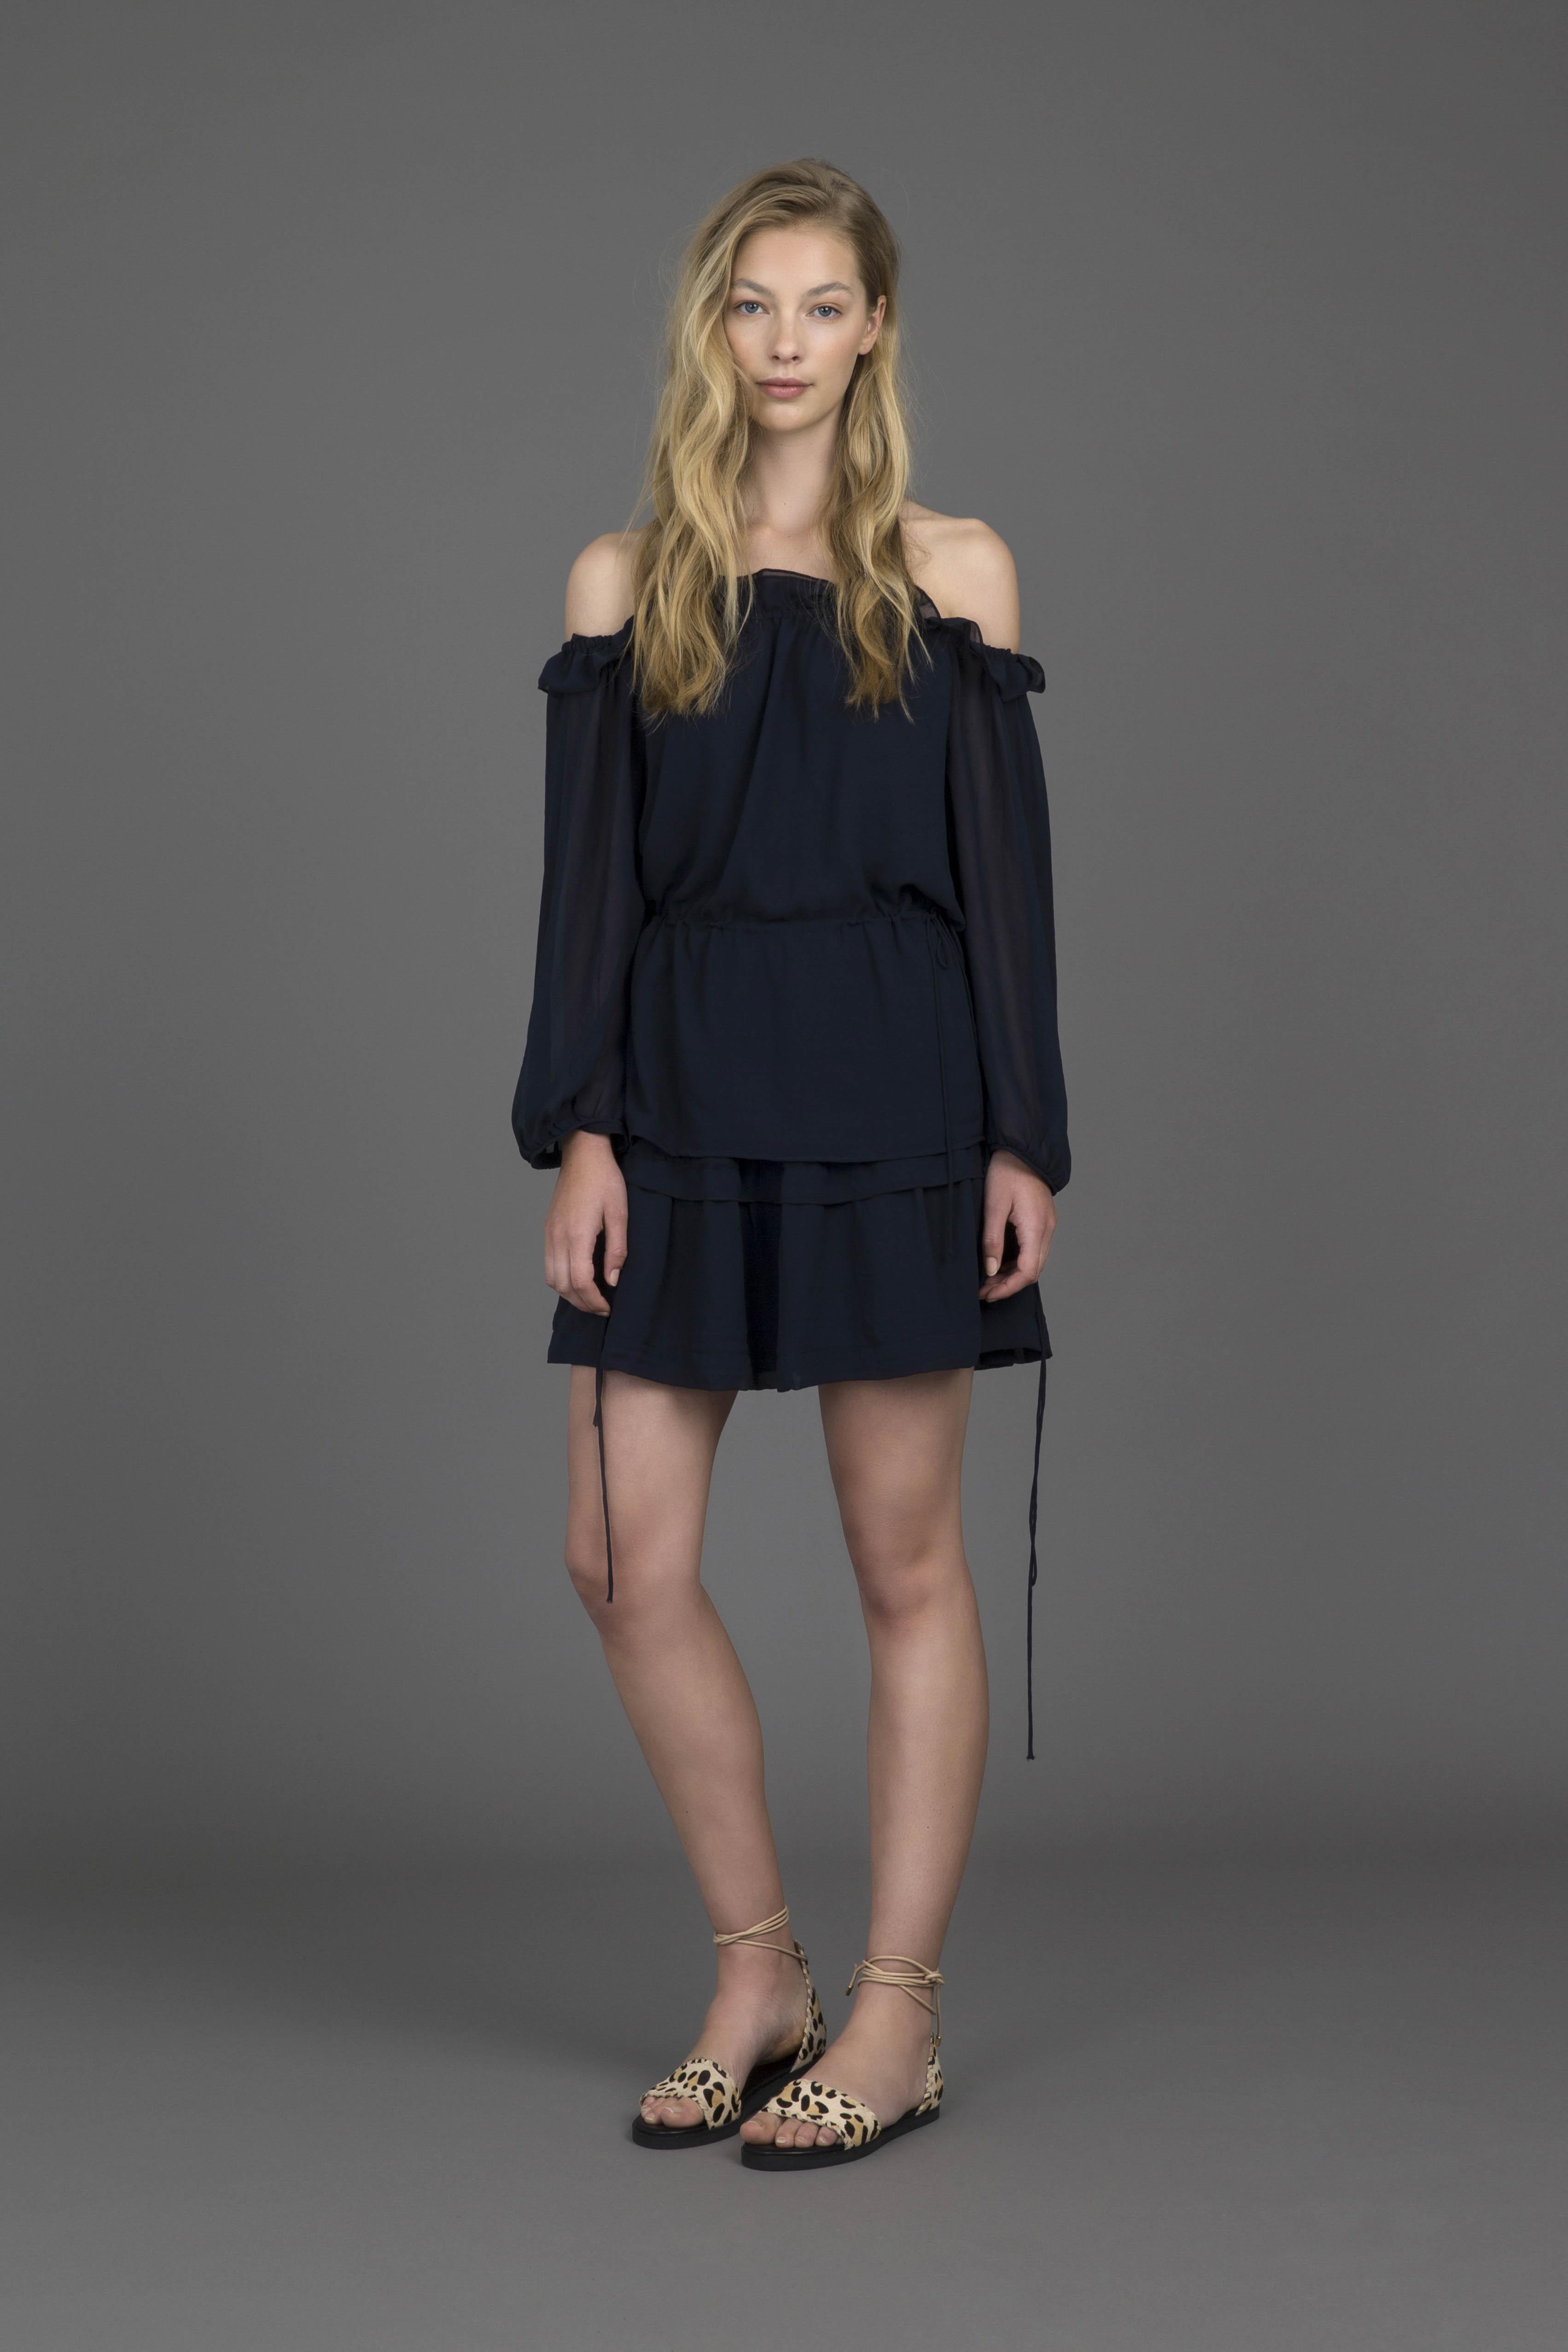 ruby-verse-1-0-blouse-verse-1-0-miniskirt